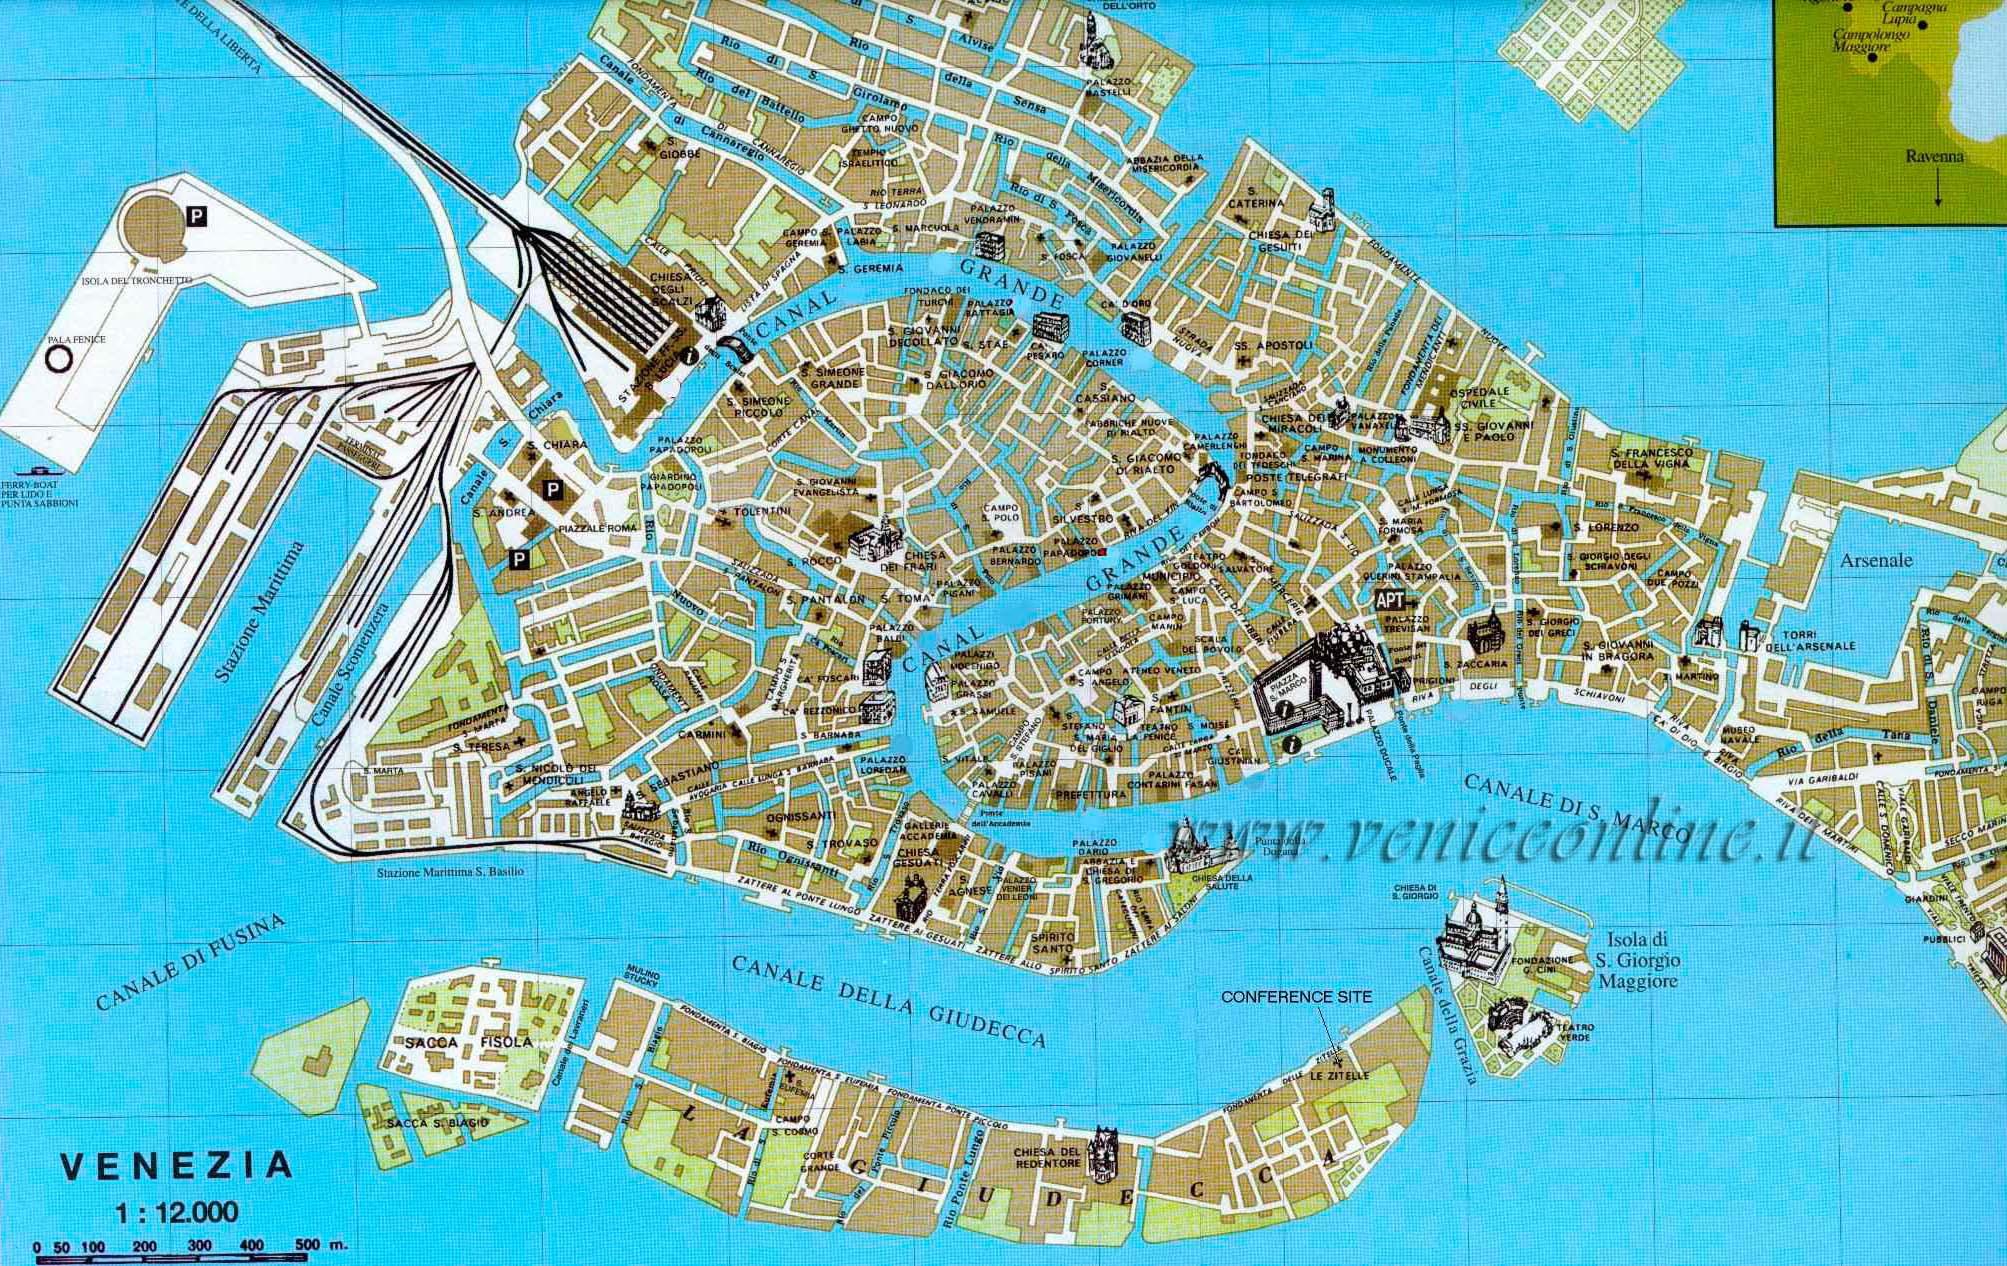 Mappa Venezia: ecco come orientarsi nella città lagunare